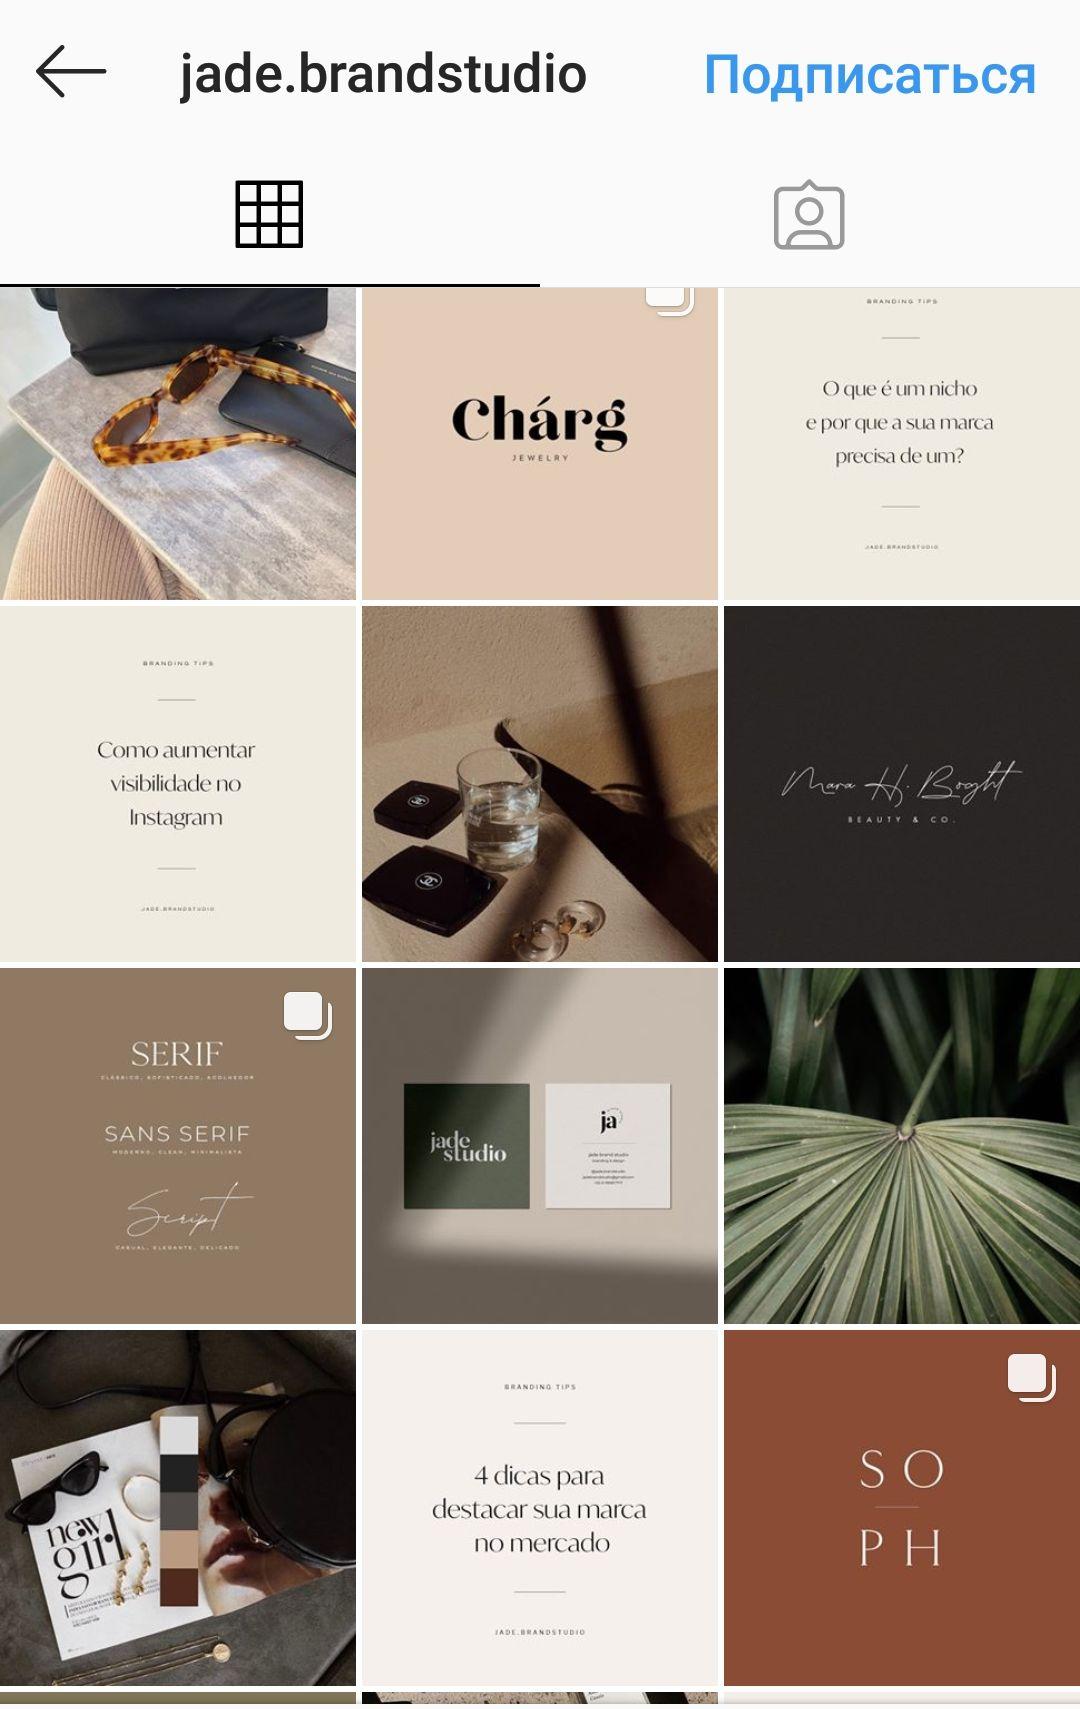 Idei Dlya Oformleniya Instagram Primery Instagram Profilej Instagram Feed Vizual Instagram Vizitki Vizazhistov Shablony Bloggera